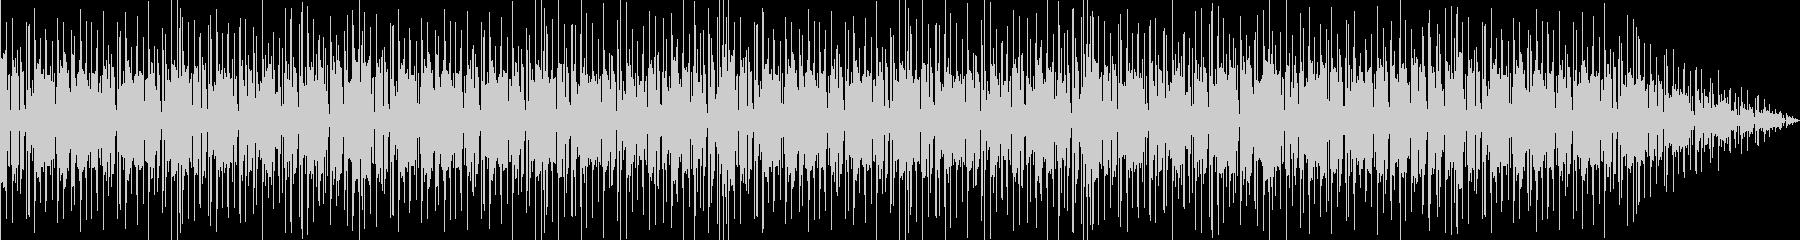 スラップベースとドラムのリズム楽曲の未再生の波形